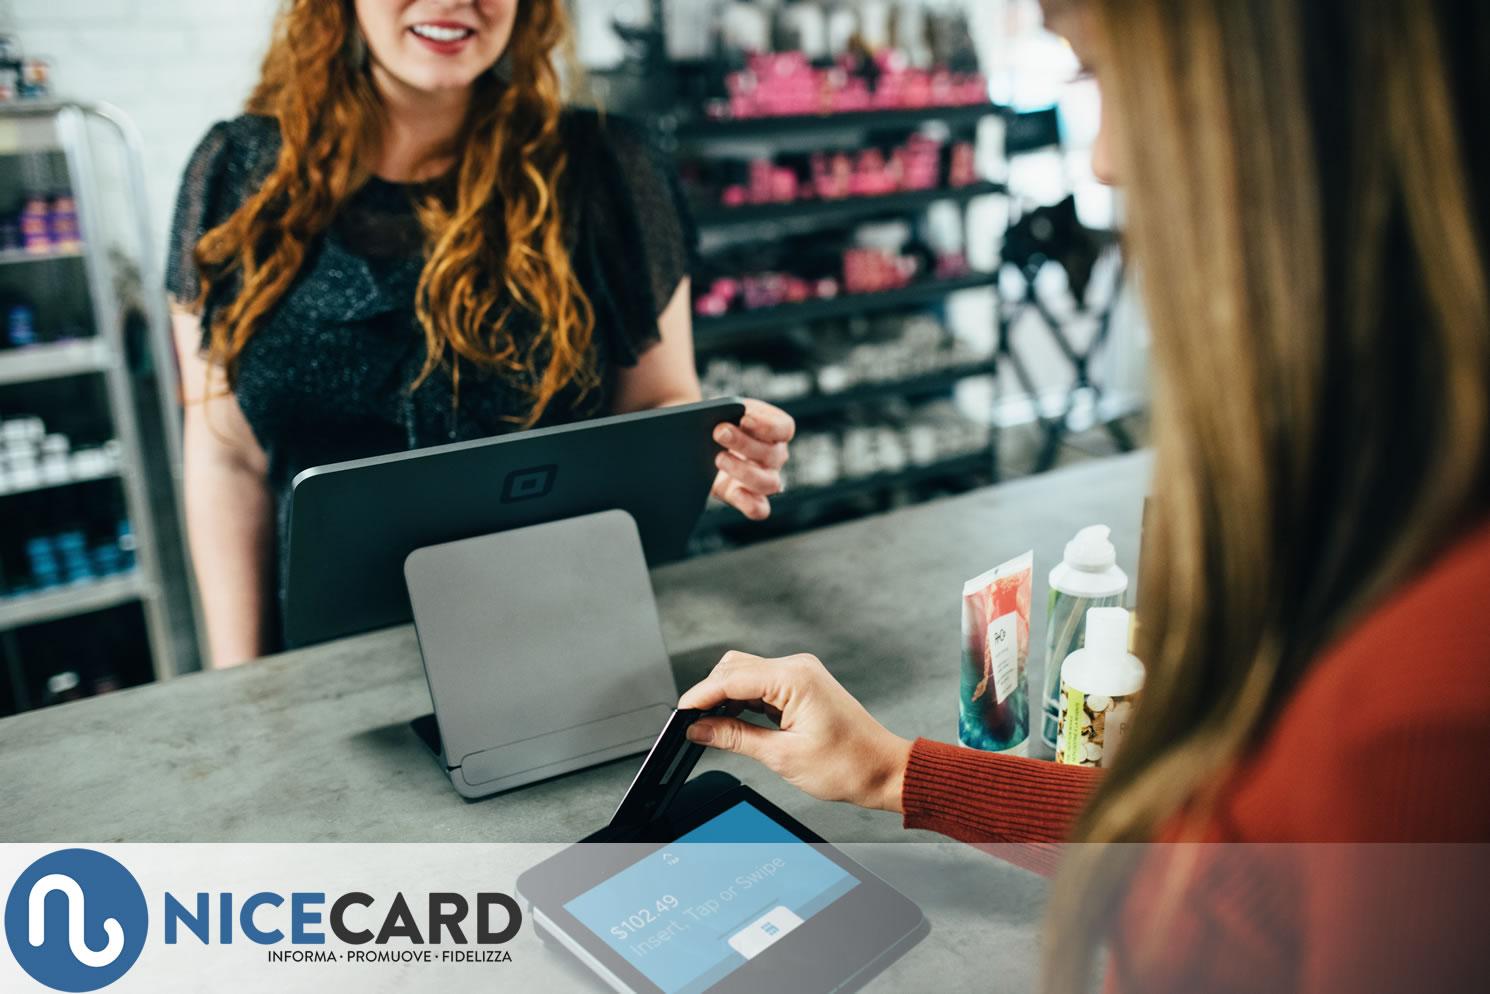 carta_regalo_personalizzata_gift_card_reagalare_una_carta_regalo_nicecard_realizzazione_carte_fedeltà_programma_di_fidelizzazione_clienti